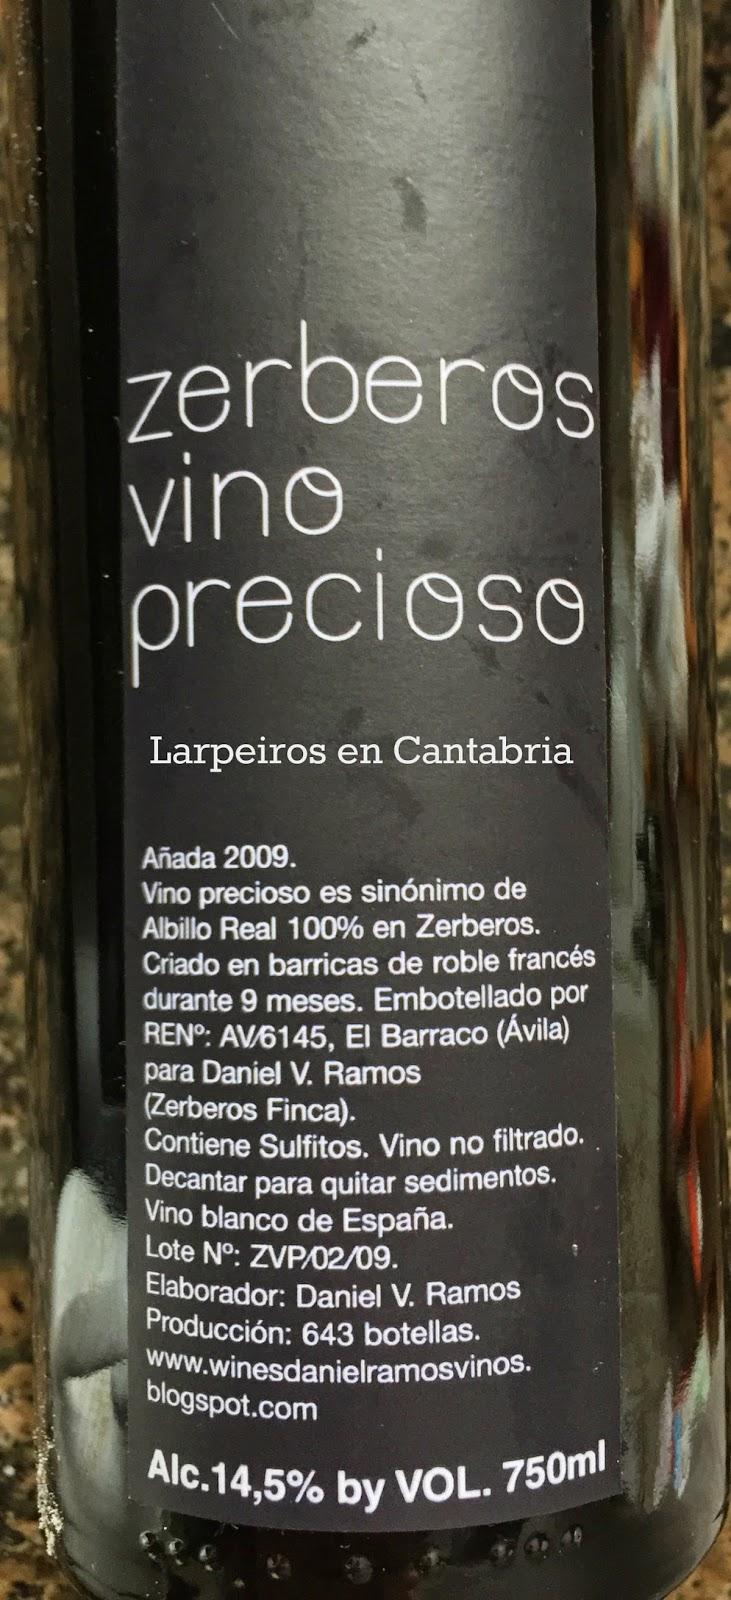 Vino Blanco Zerberos Vino Precioso 2009: Complejo y Espectacular